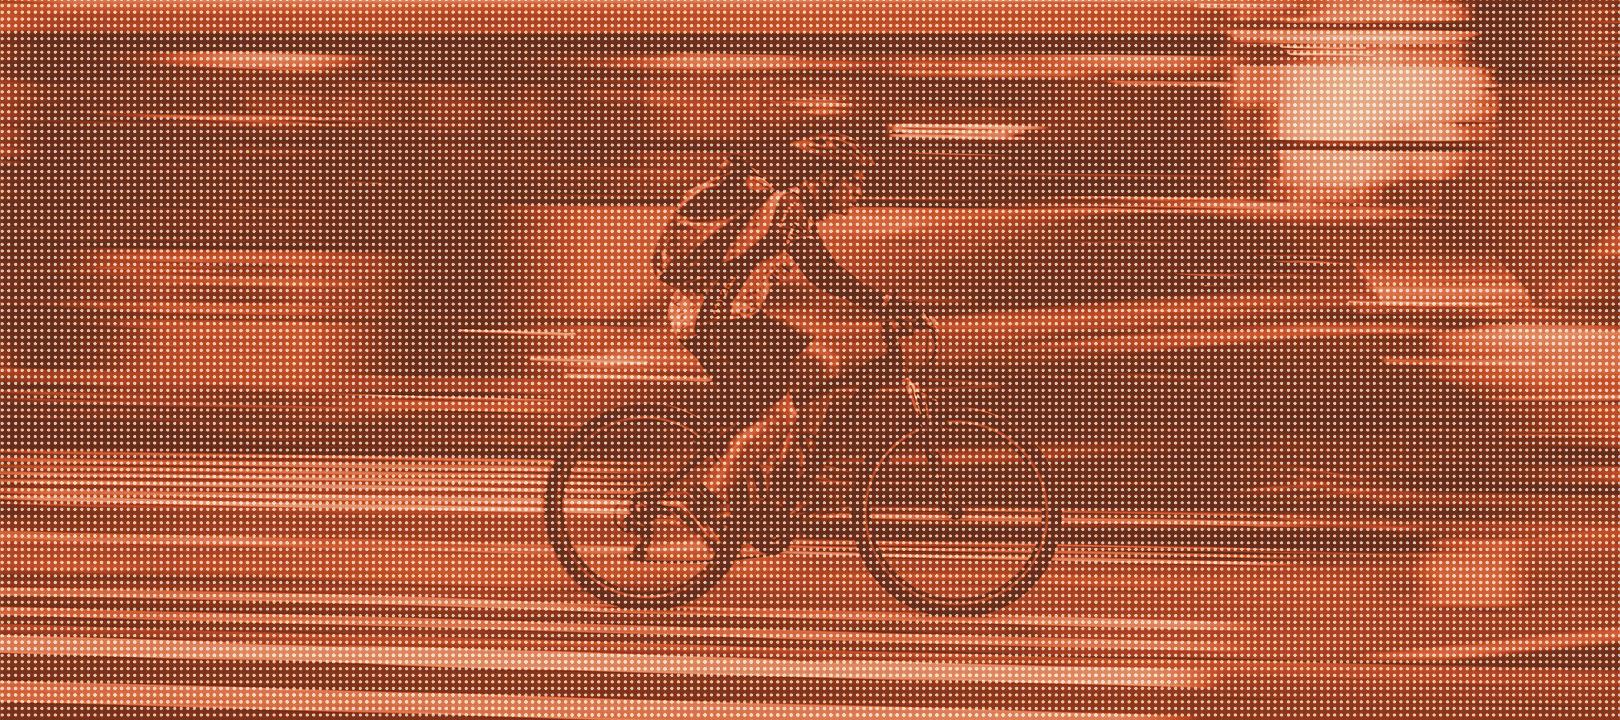 iot 4 bikes -